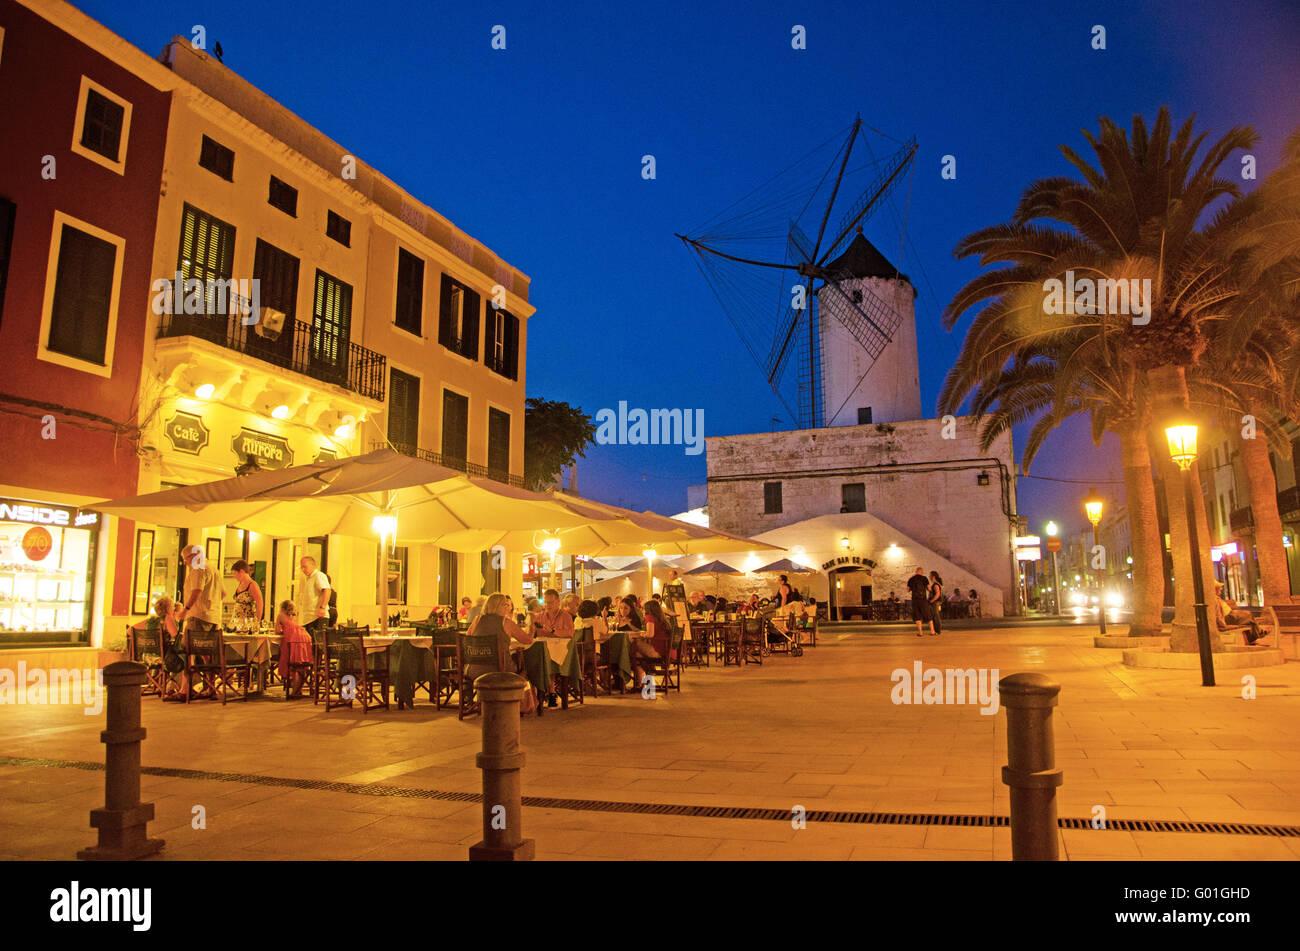 Menorca, Balearen, Spanien, Europa: Nachtansicht der Molí d'es Comte Asador in Ciutadella, eine alte Windmühle Stockbild